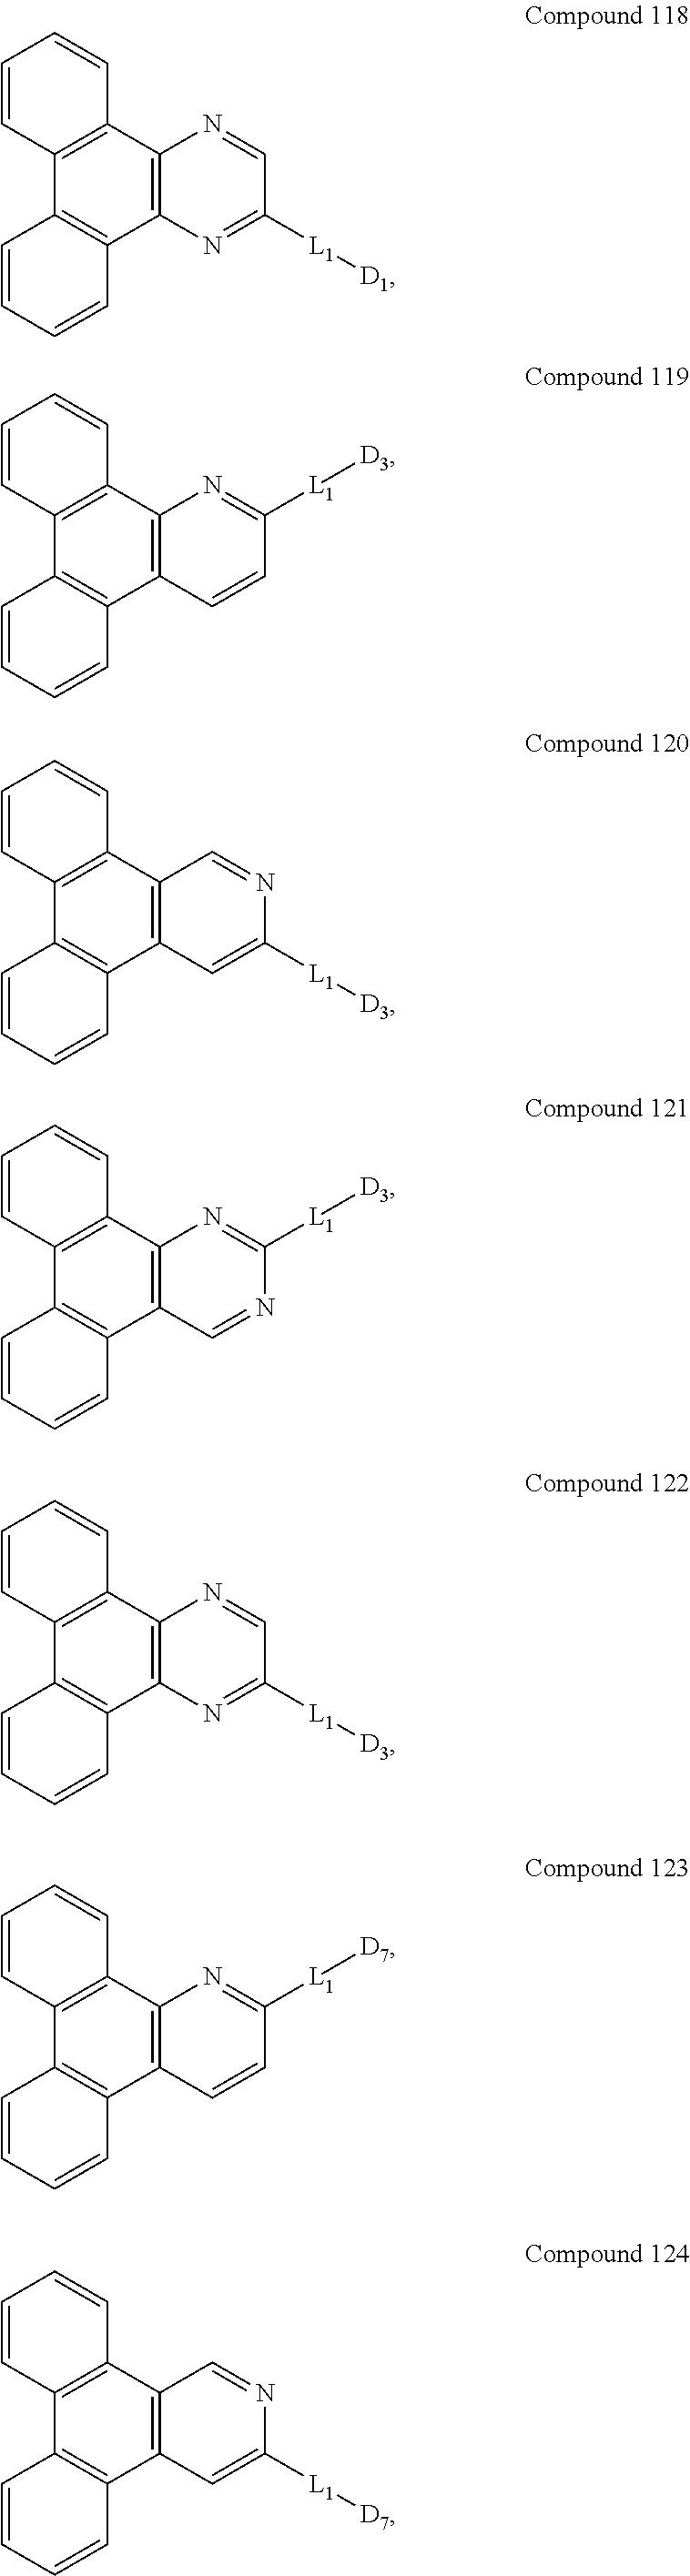 Figure US09537106-20170103-C00602